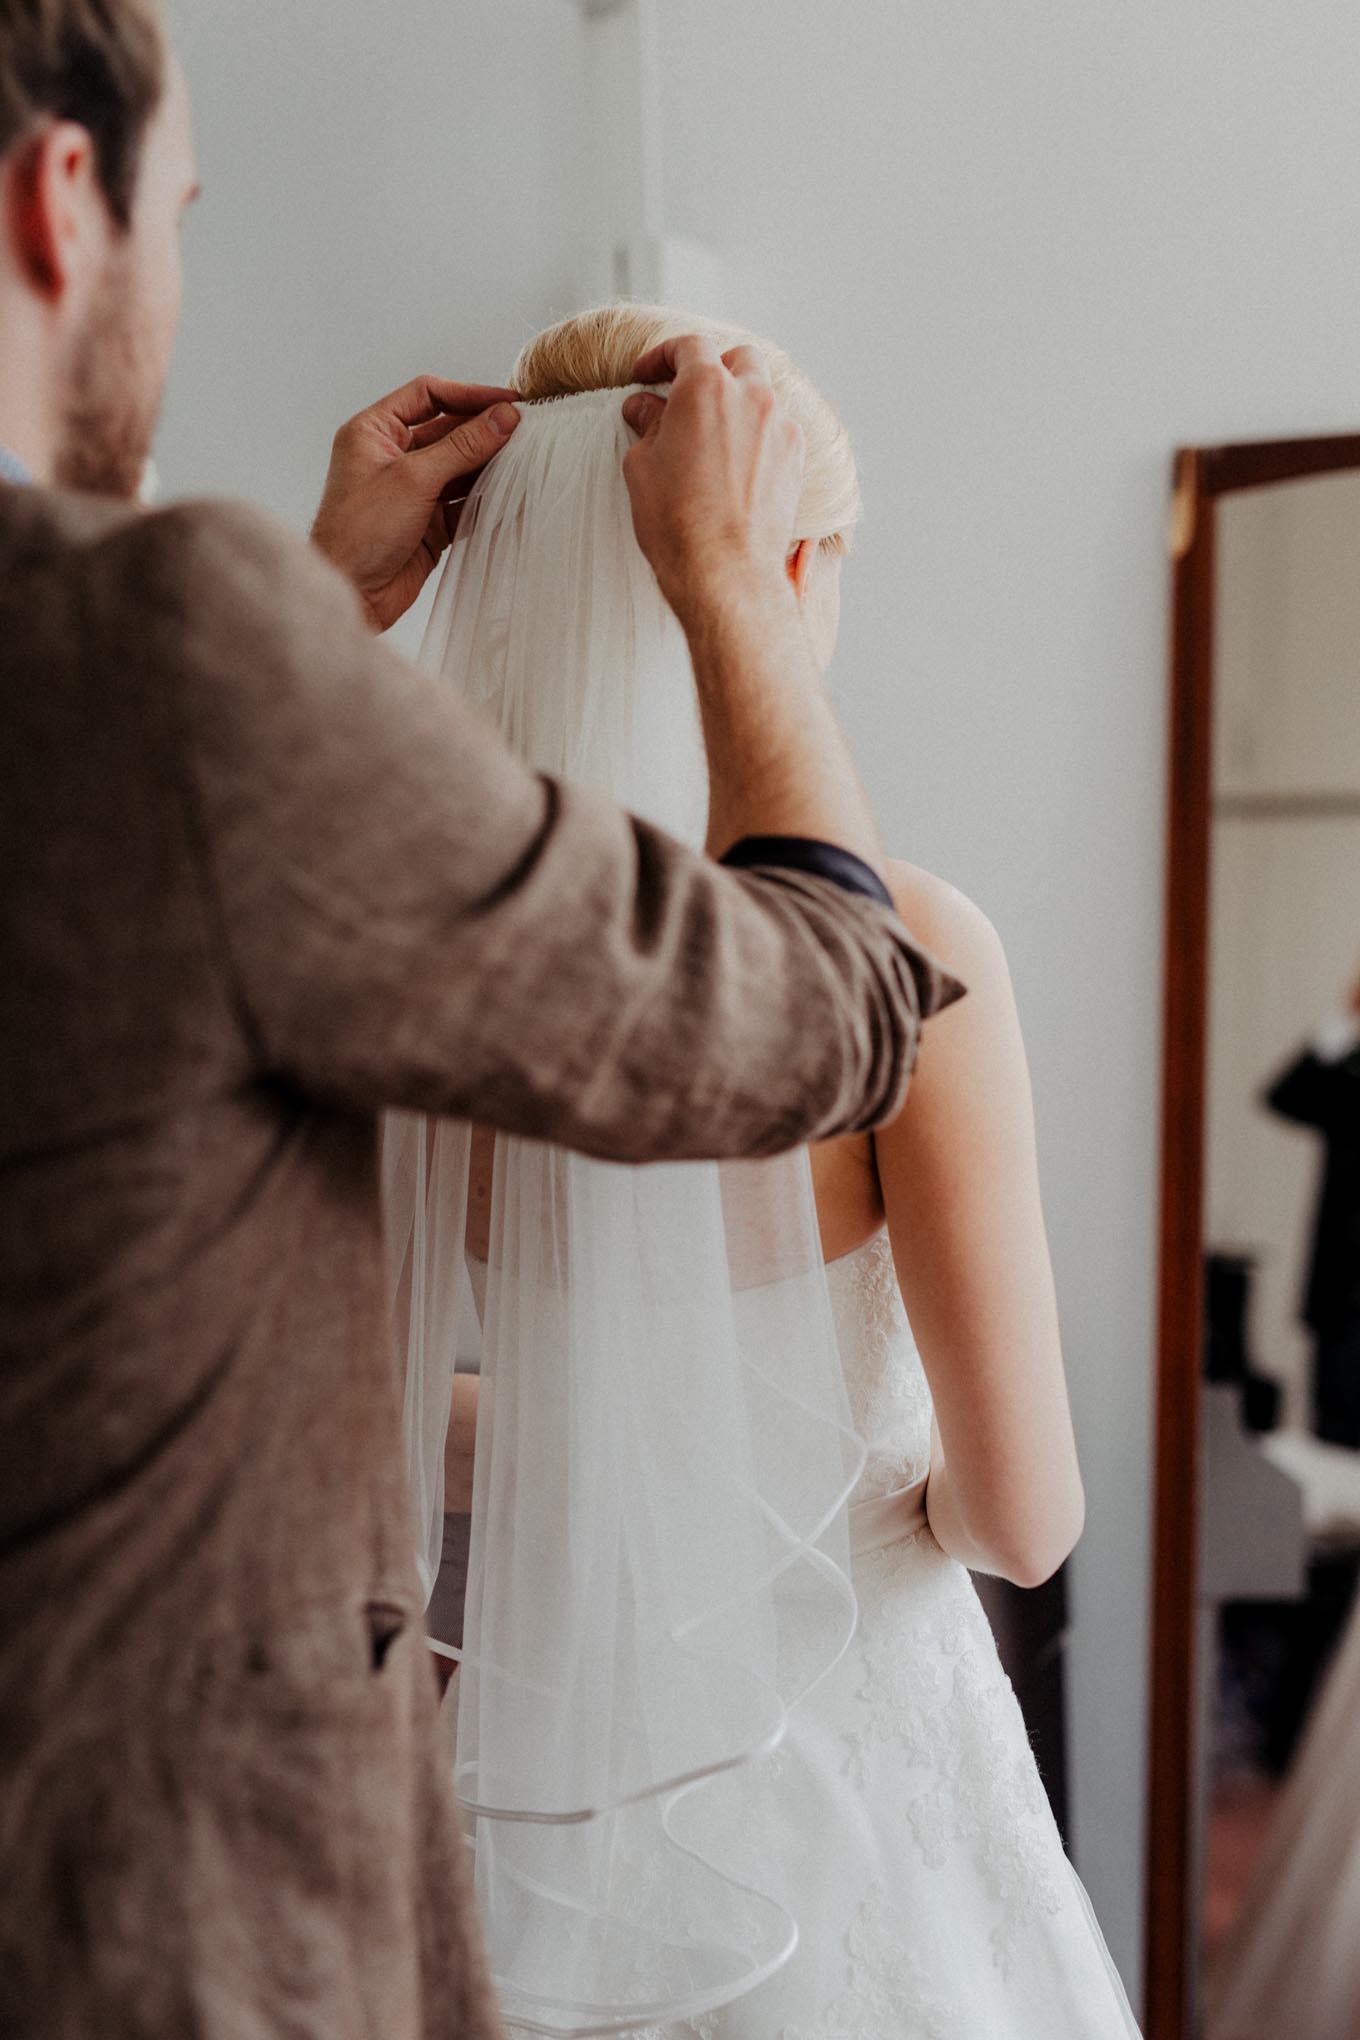 Braut zieht den Schleier an